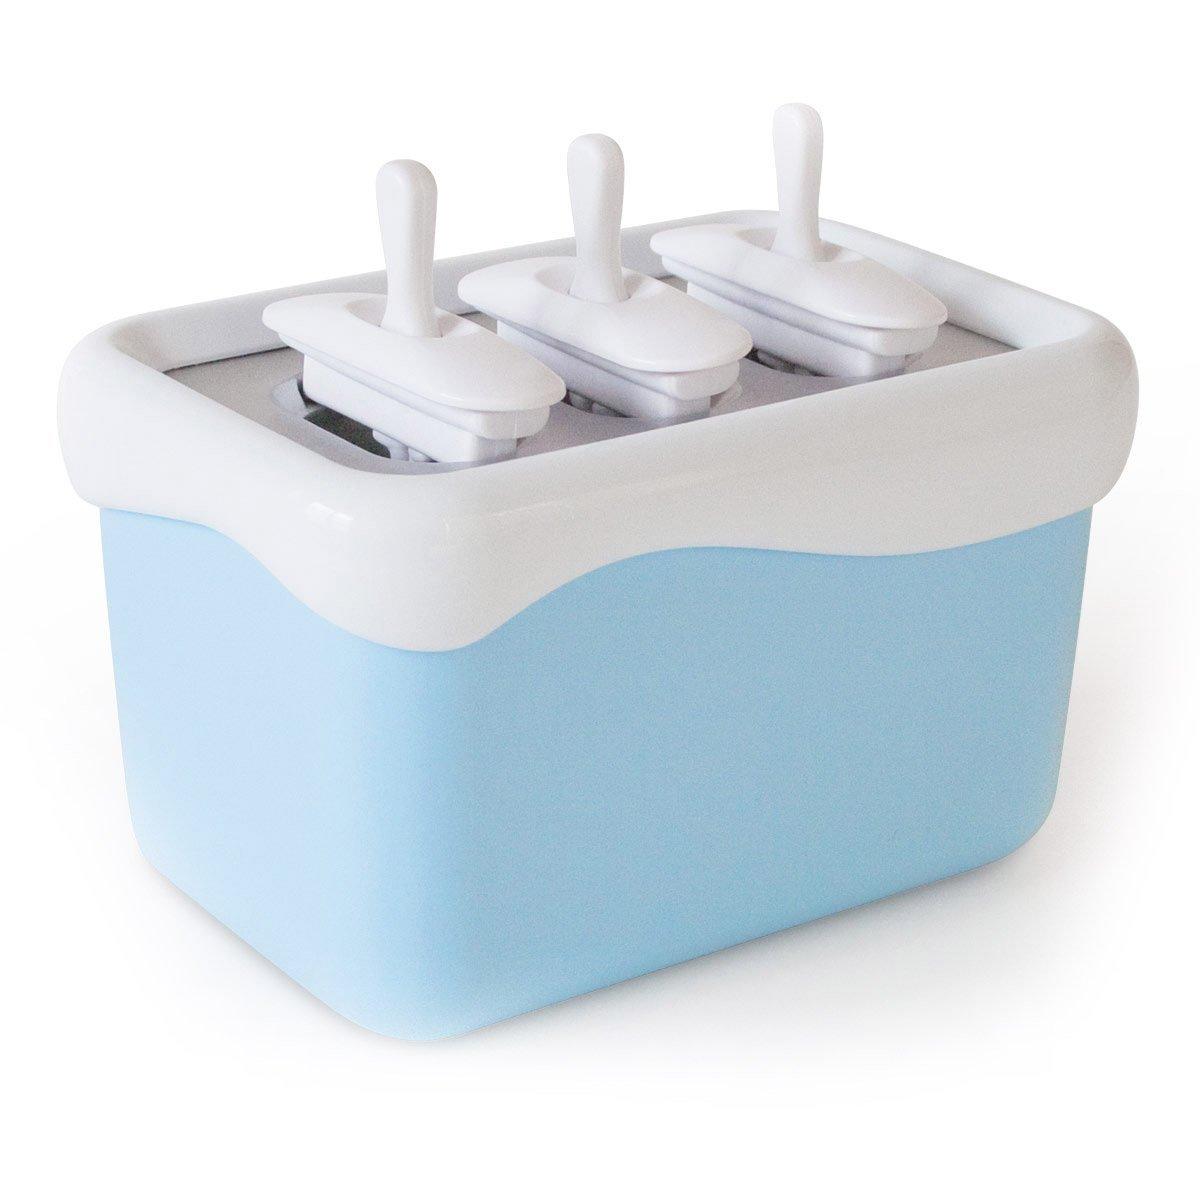 Eismaschine Eismaker Stieleisformen Gefrierbehälter Popsicle Maker - blitzschnell Eis am Stiel Goods & Gadgets